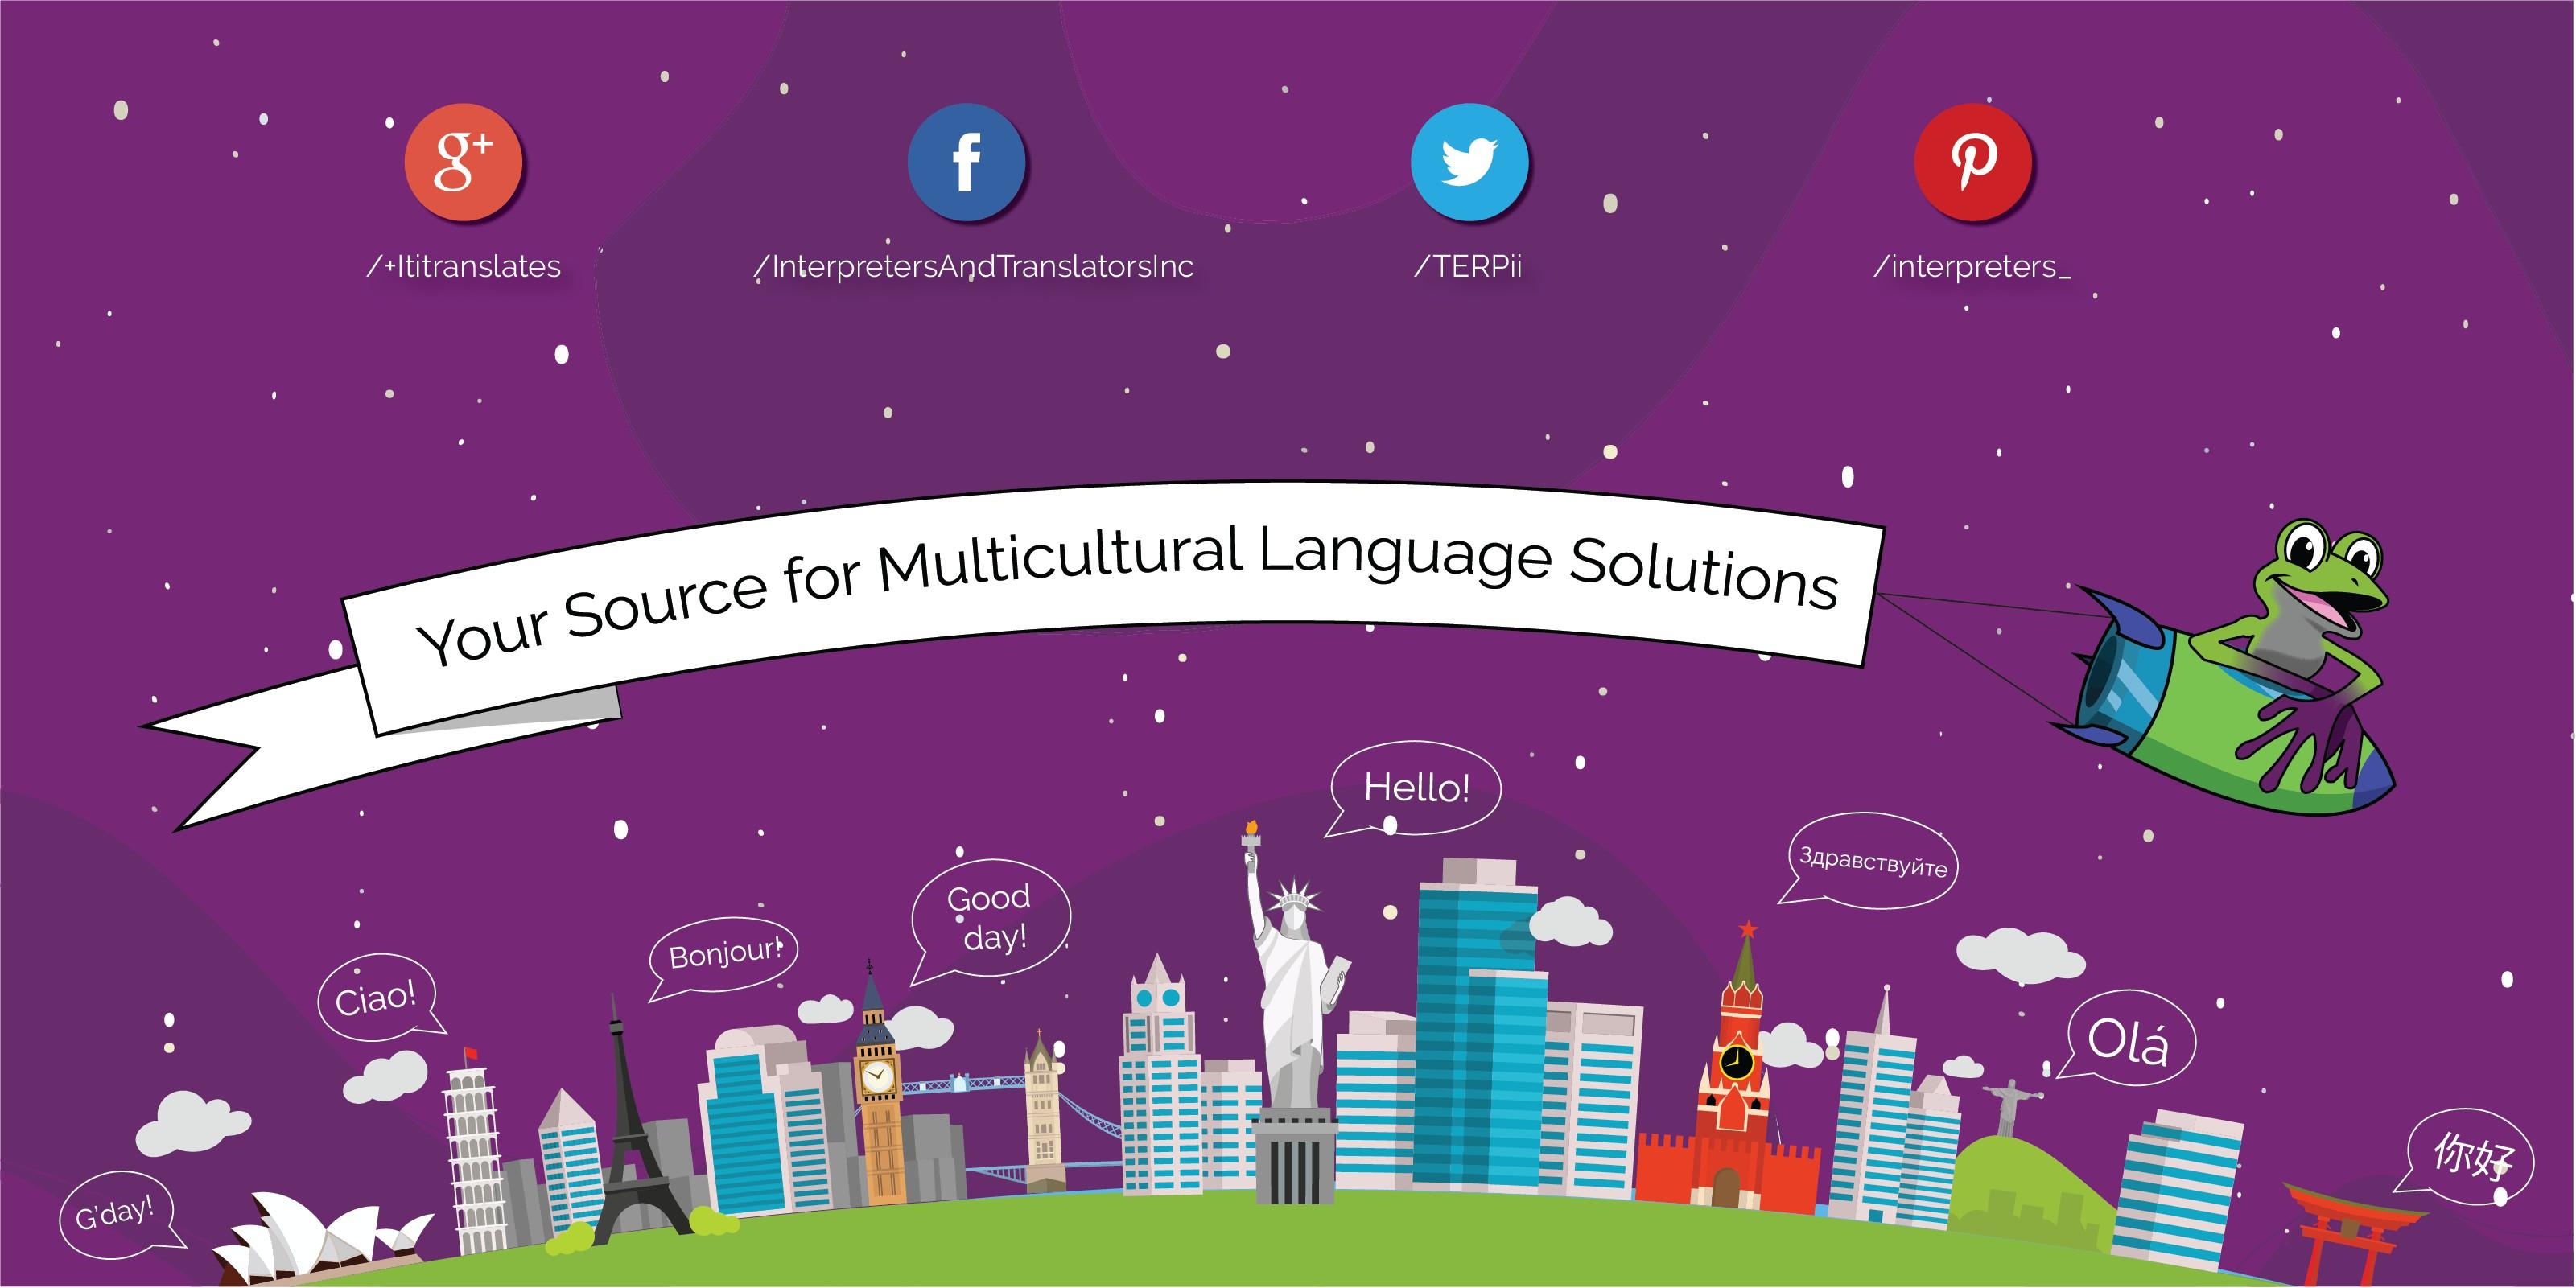 Interpreters and Translators, Inc | LinkedIn